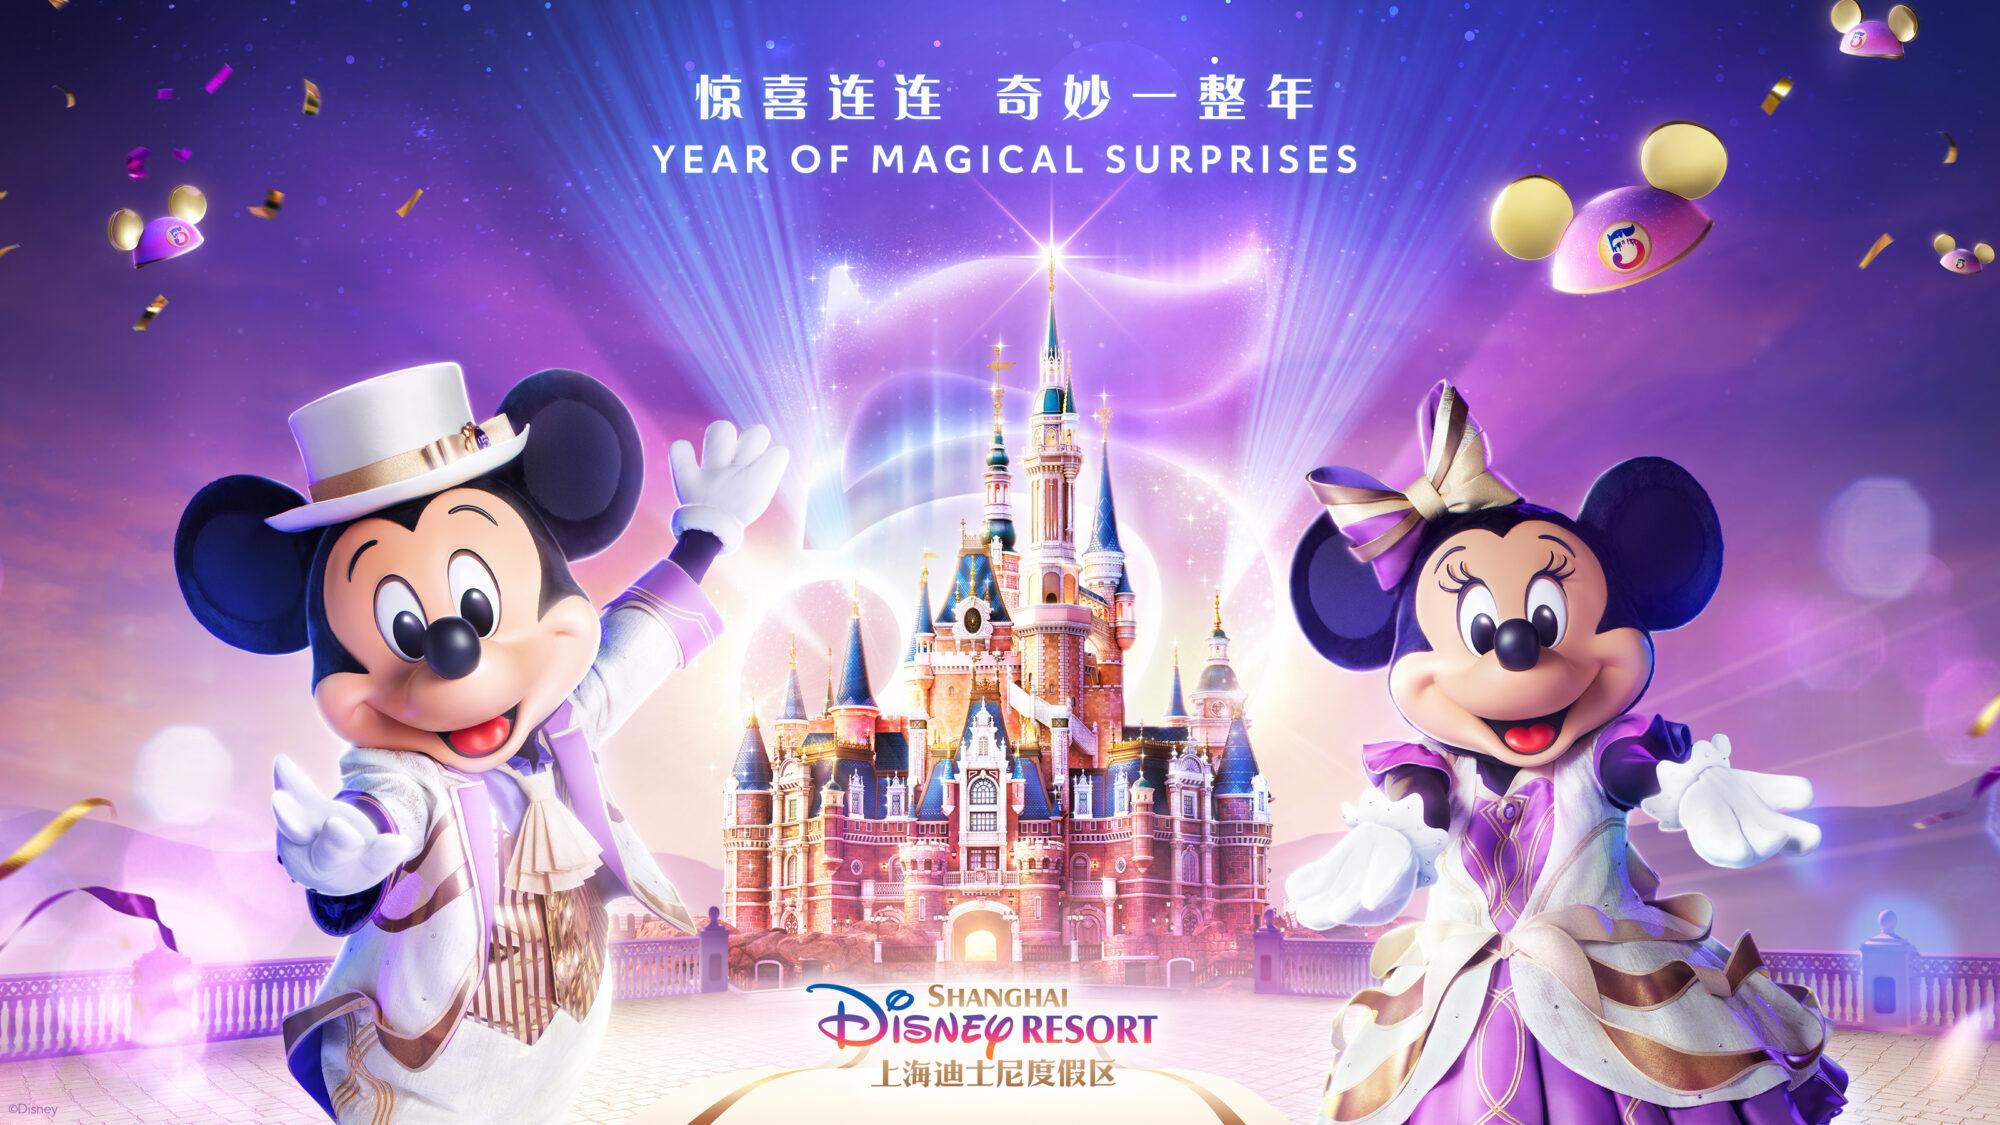 ディズニー 上海 【上海ディズニー】攻略ガイド 2021